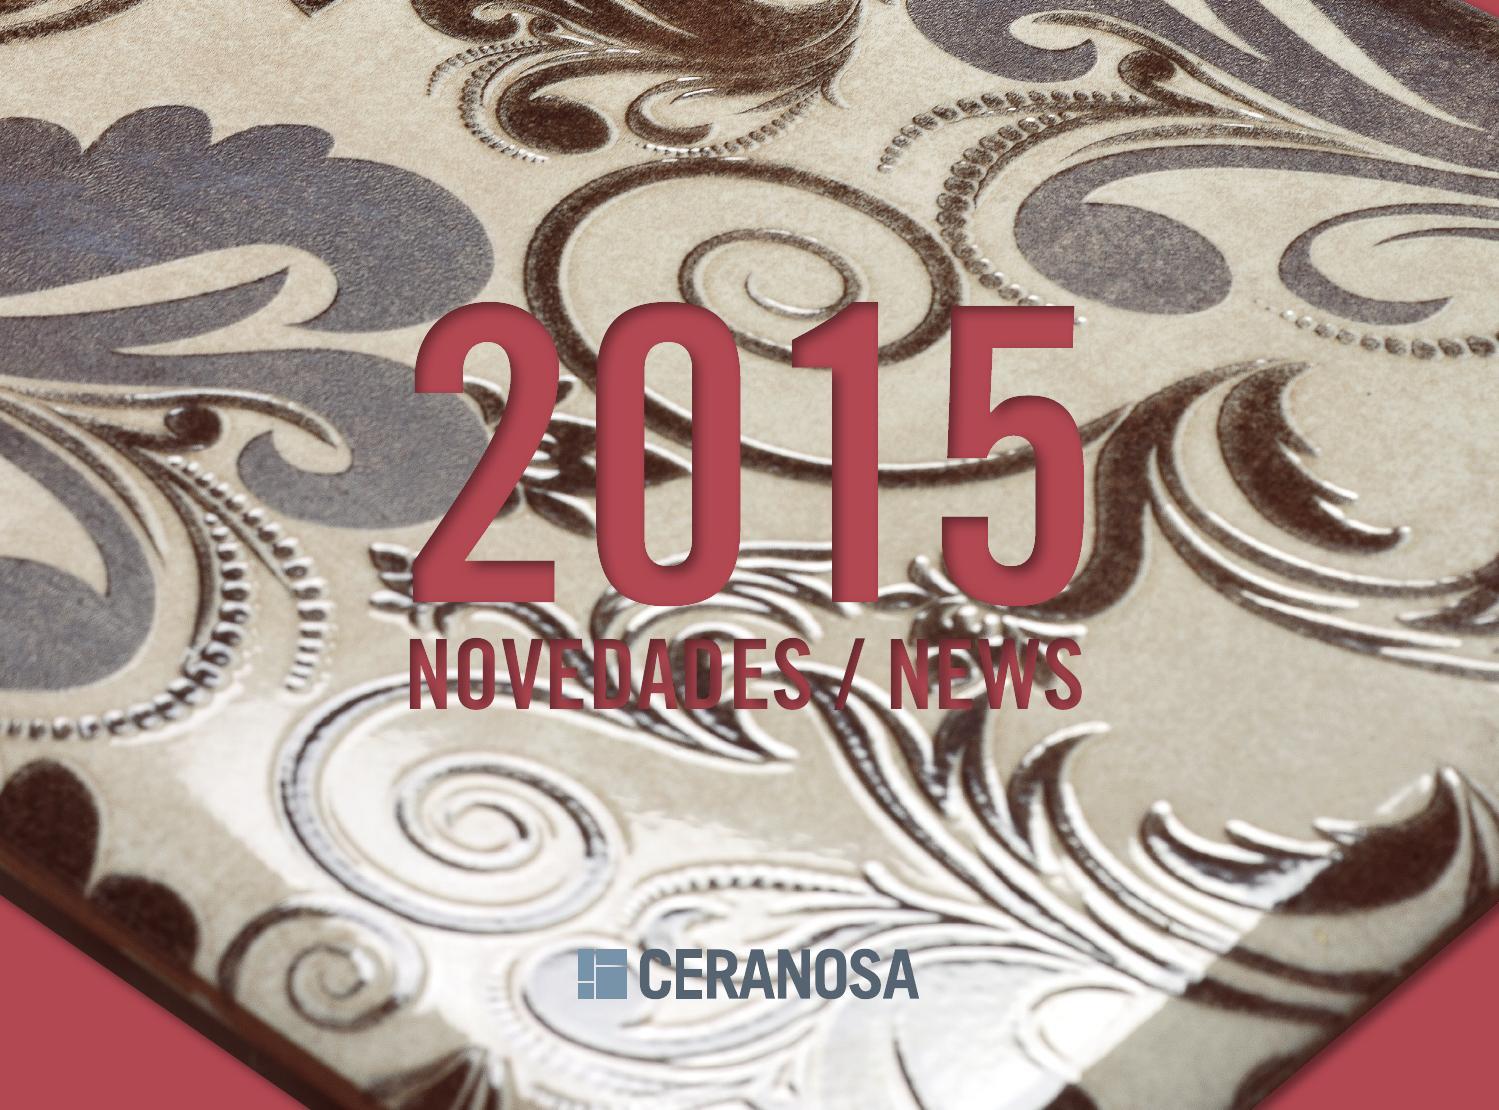 Novedades ceranosa para cevisama 2015 by ceranosa issuu for Patakha bano food mat